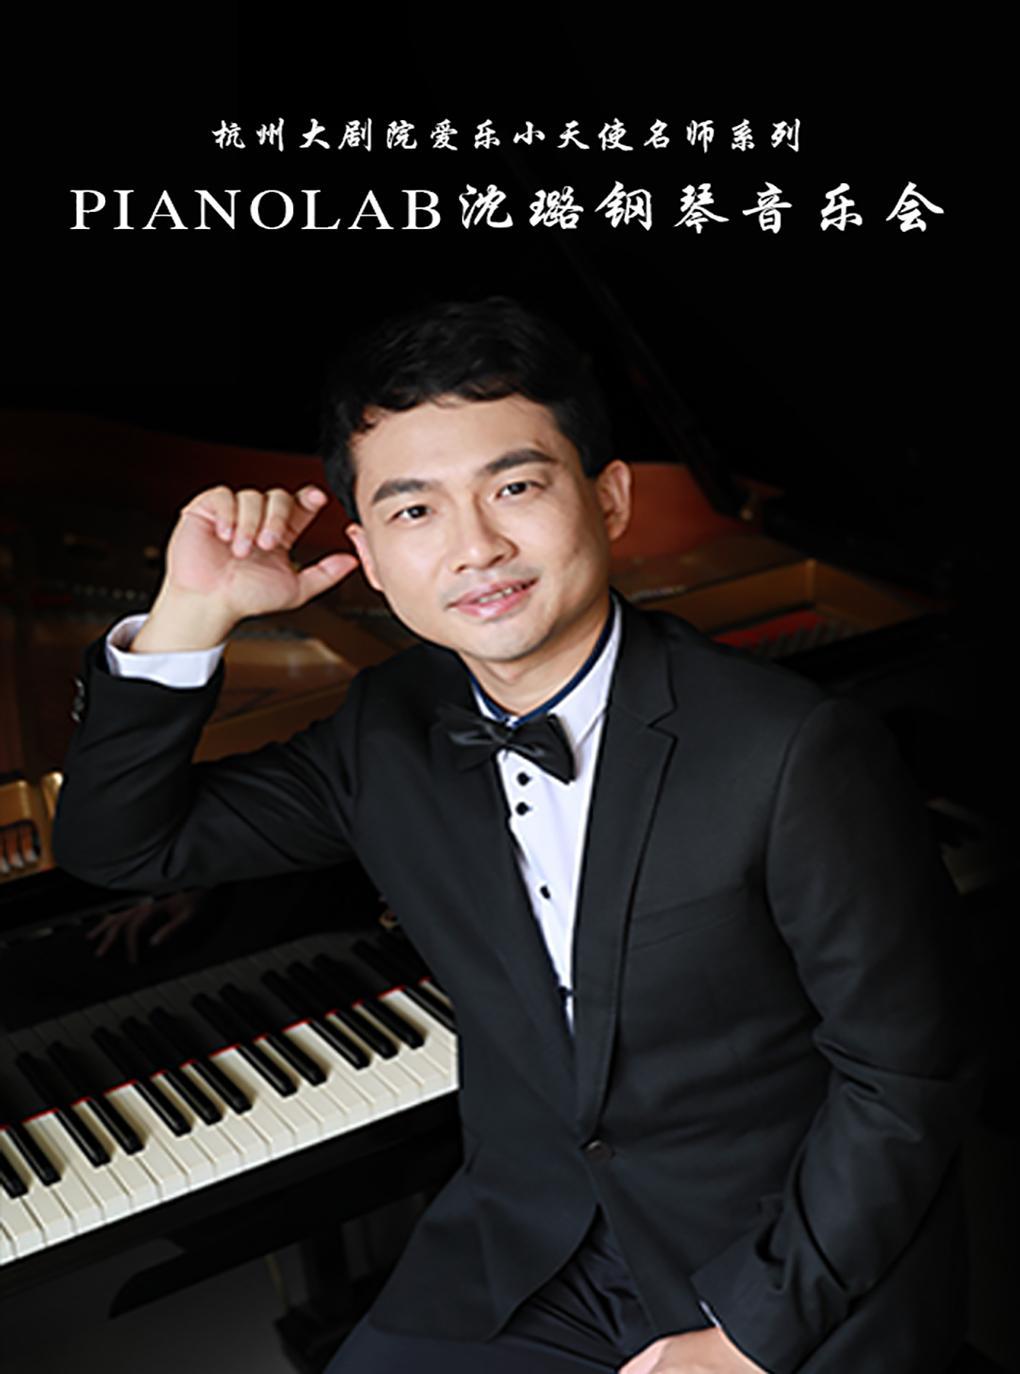 沈璐钢琴音乐会